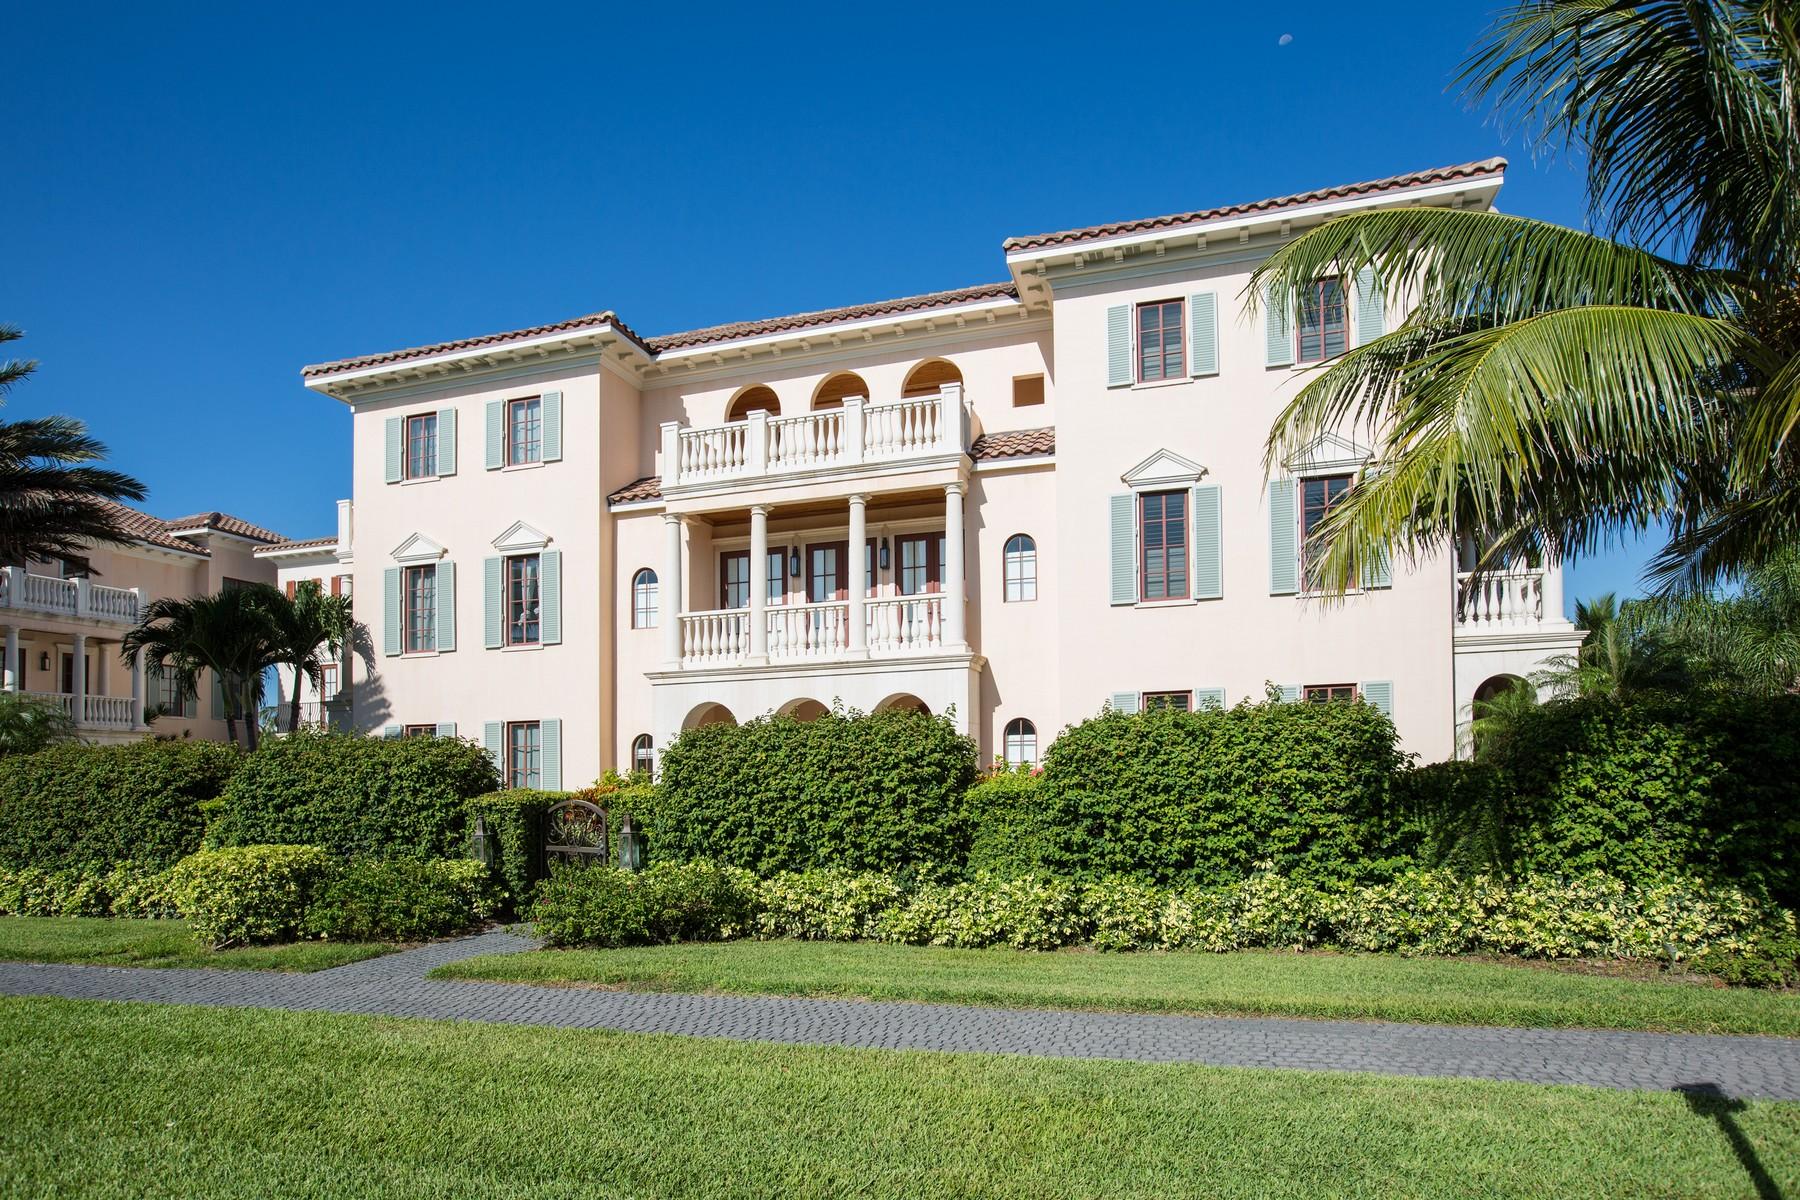 Casa Unifamiliar por un Venta en Village by the Sea Mediterranean Villa 1513 Ocean Drive Vero Beach, Florida 32963 Estados Unidos